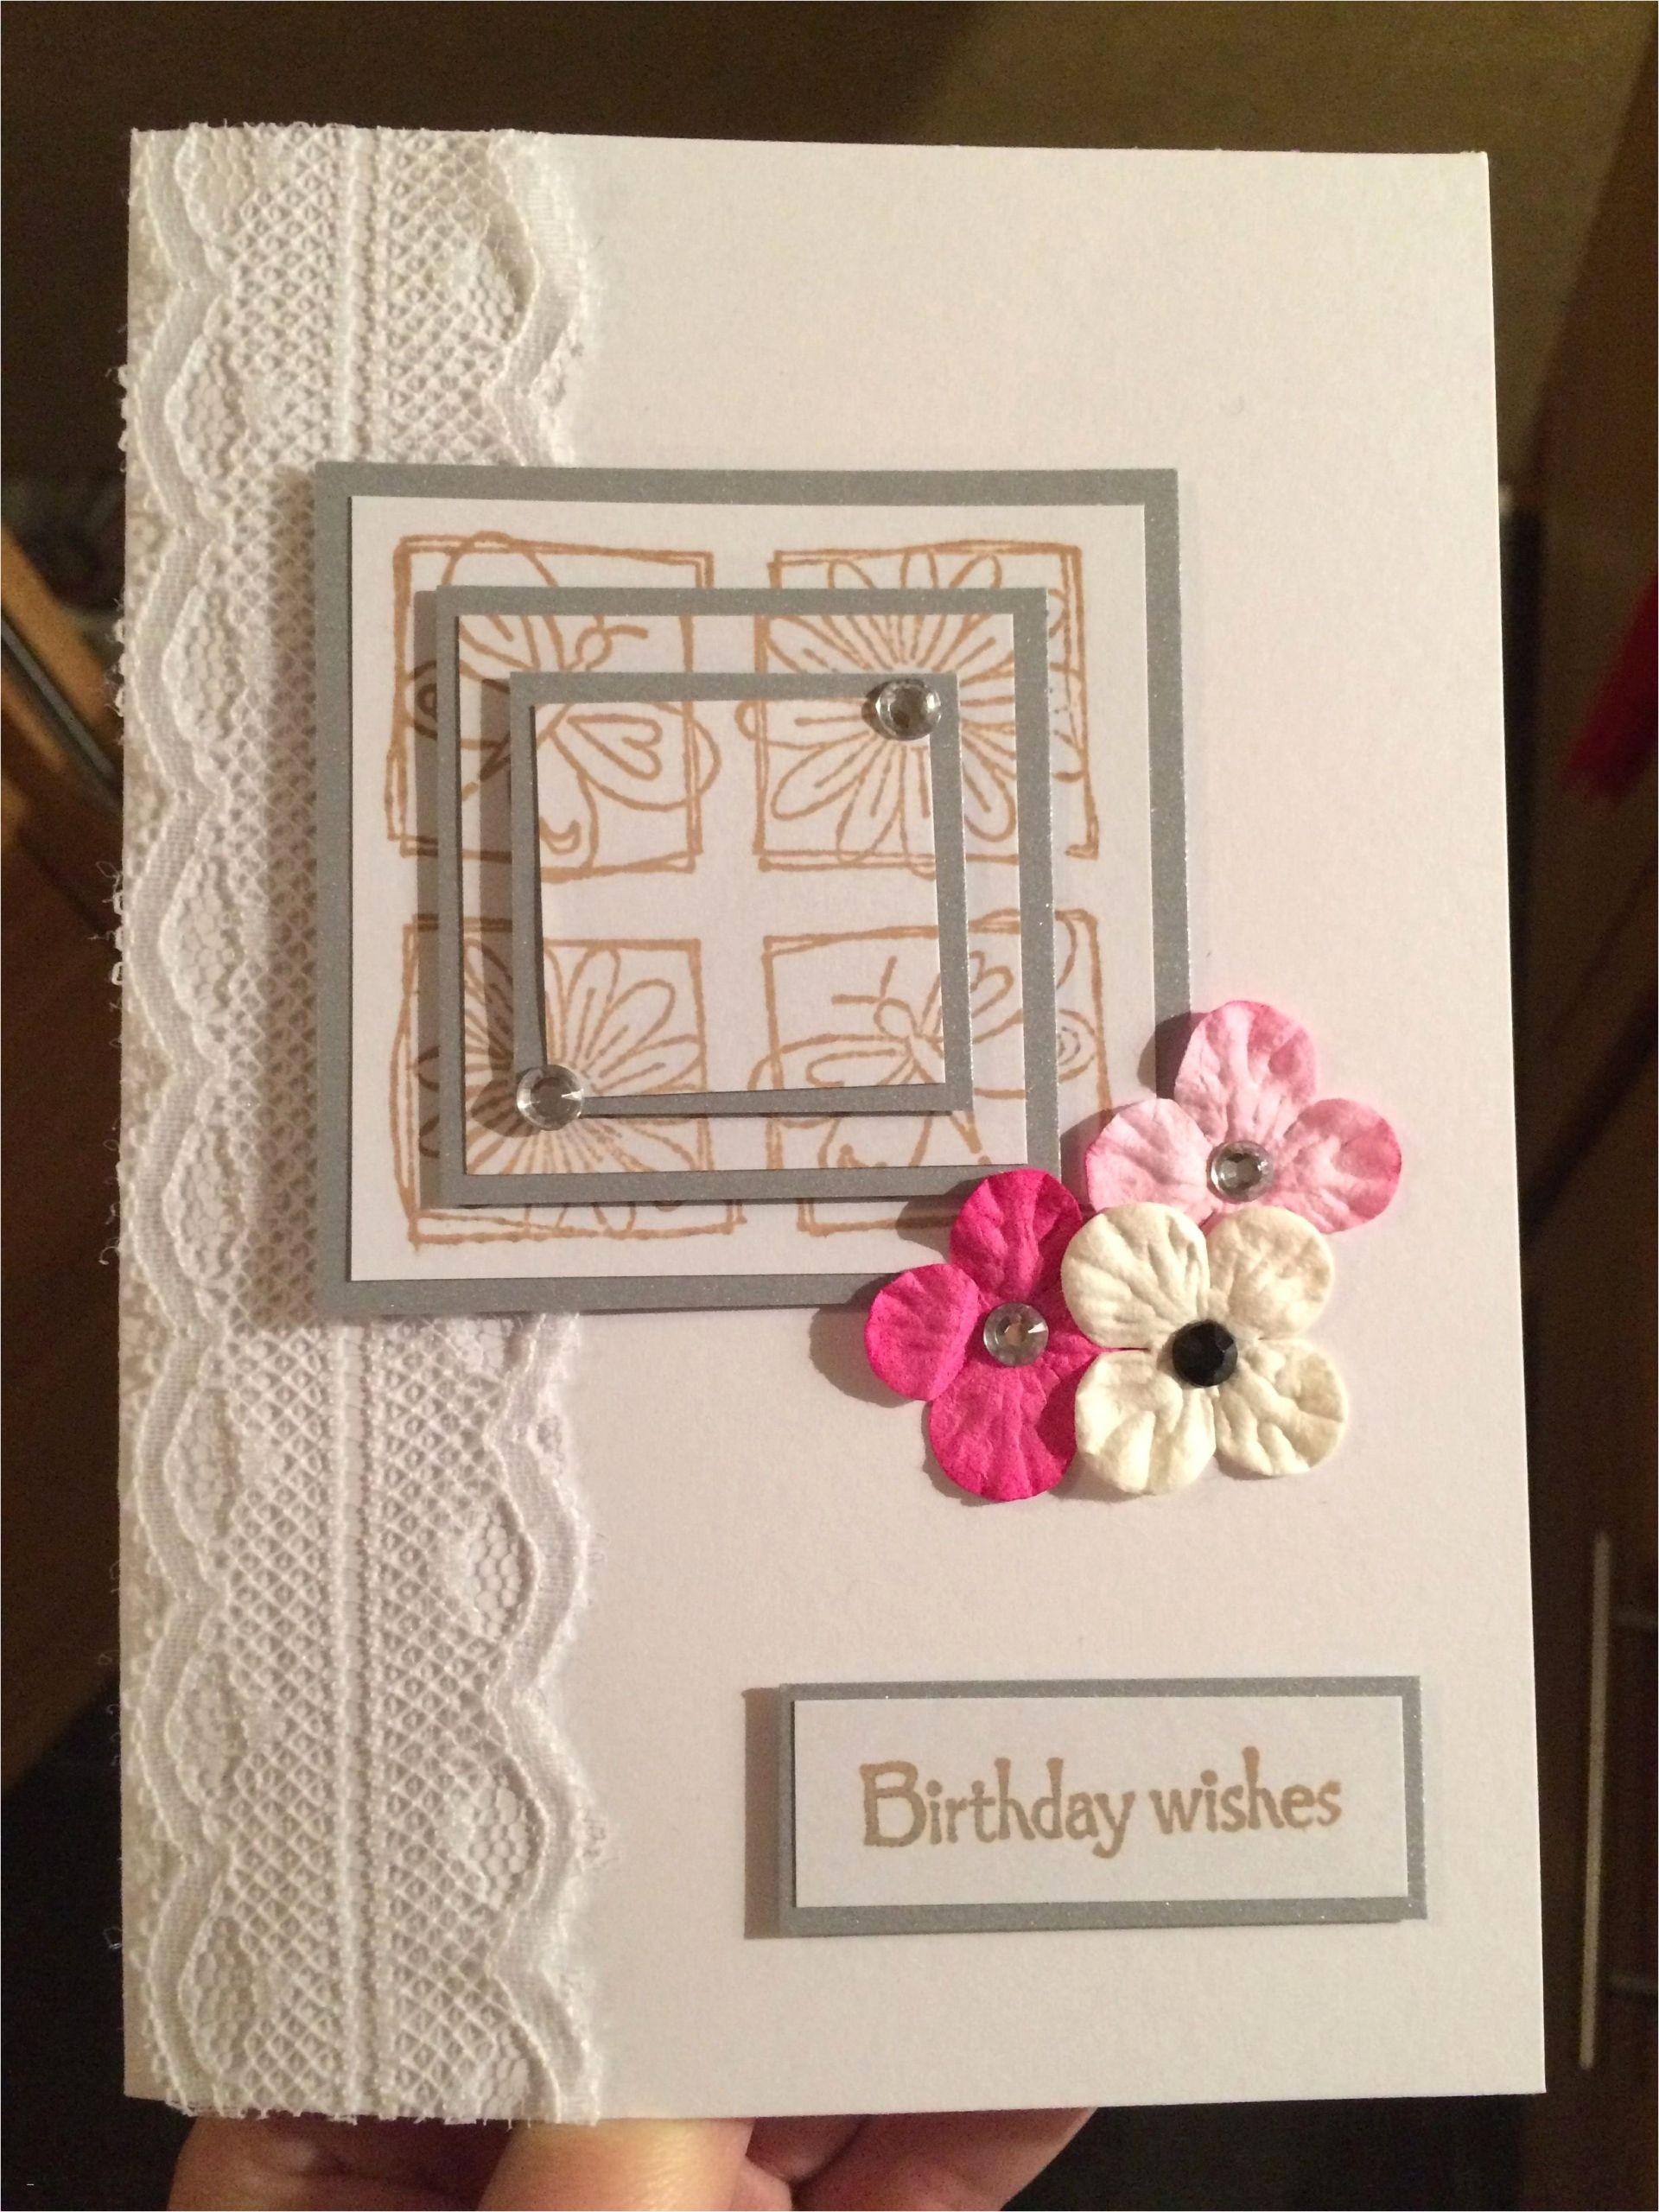 Happy Birthday Card with Name and Photo Sticker Zum Ausdrucken Schon Happy Birthday Karte Zum